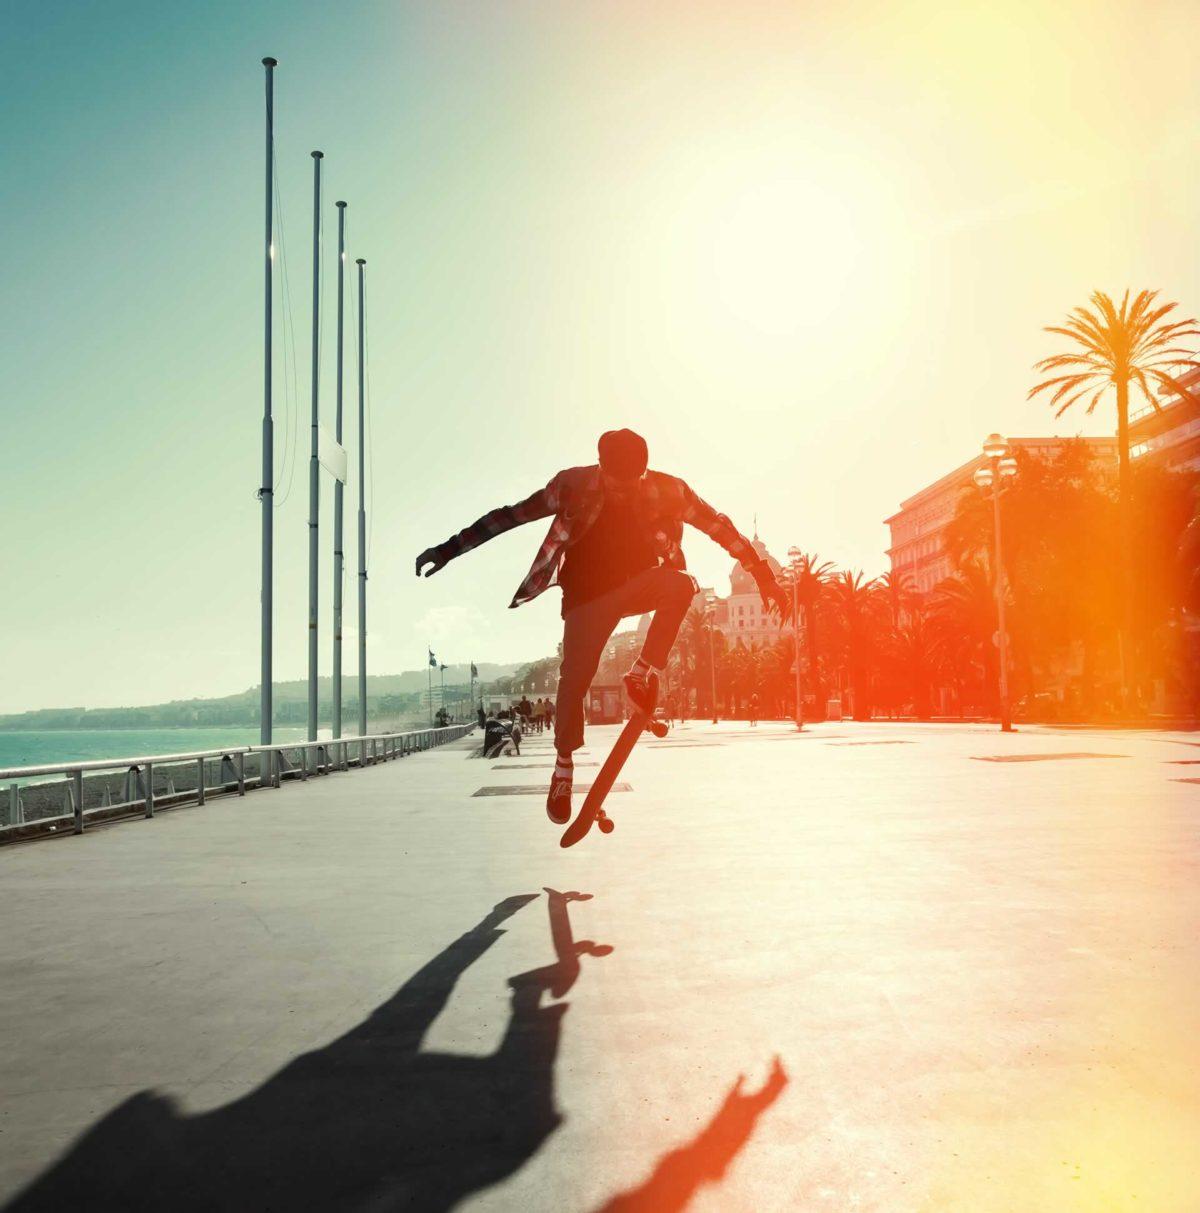 skater1-1200x1213.jpg